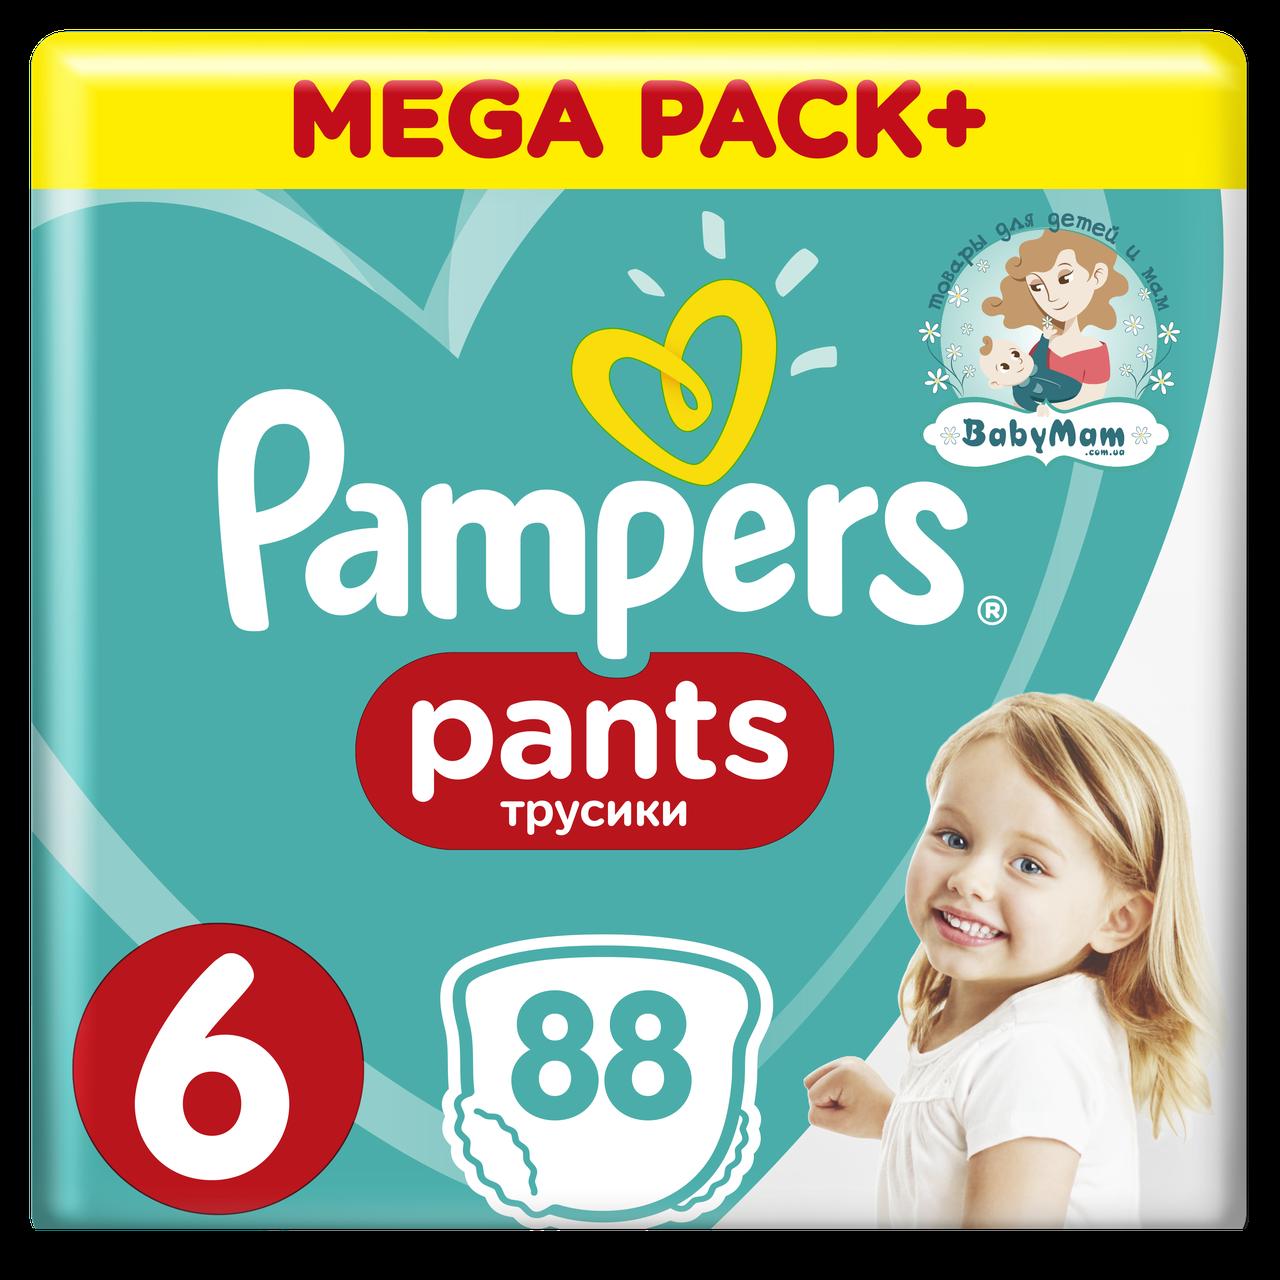 Подгузники-трусики Pampers Pants Размер 6 (Extra Large) 15+ кг, 88 подгузников